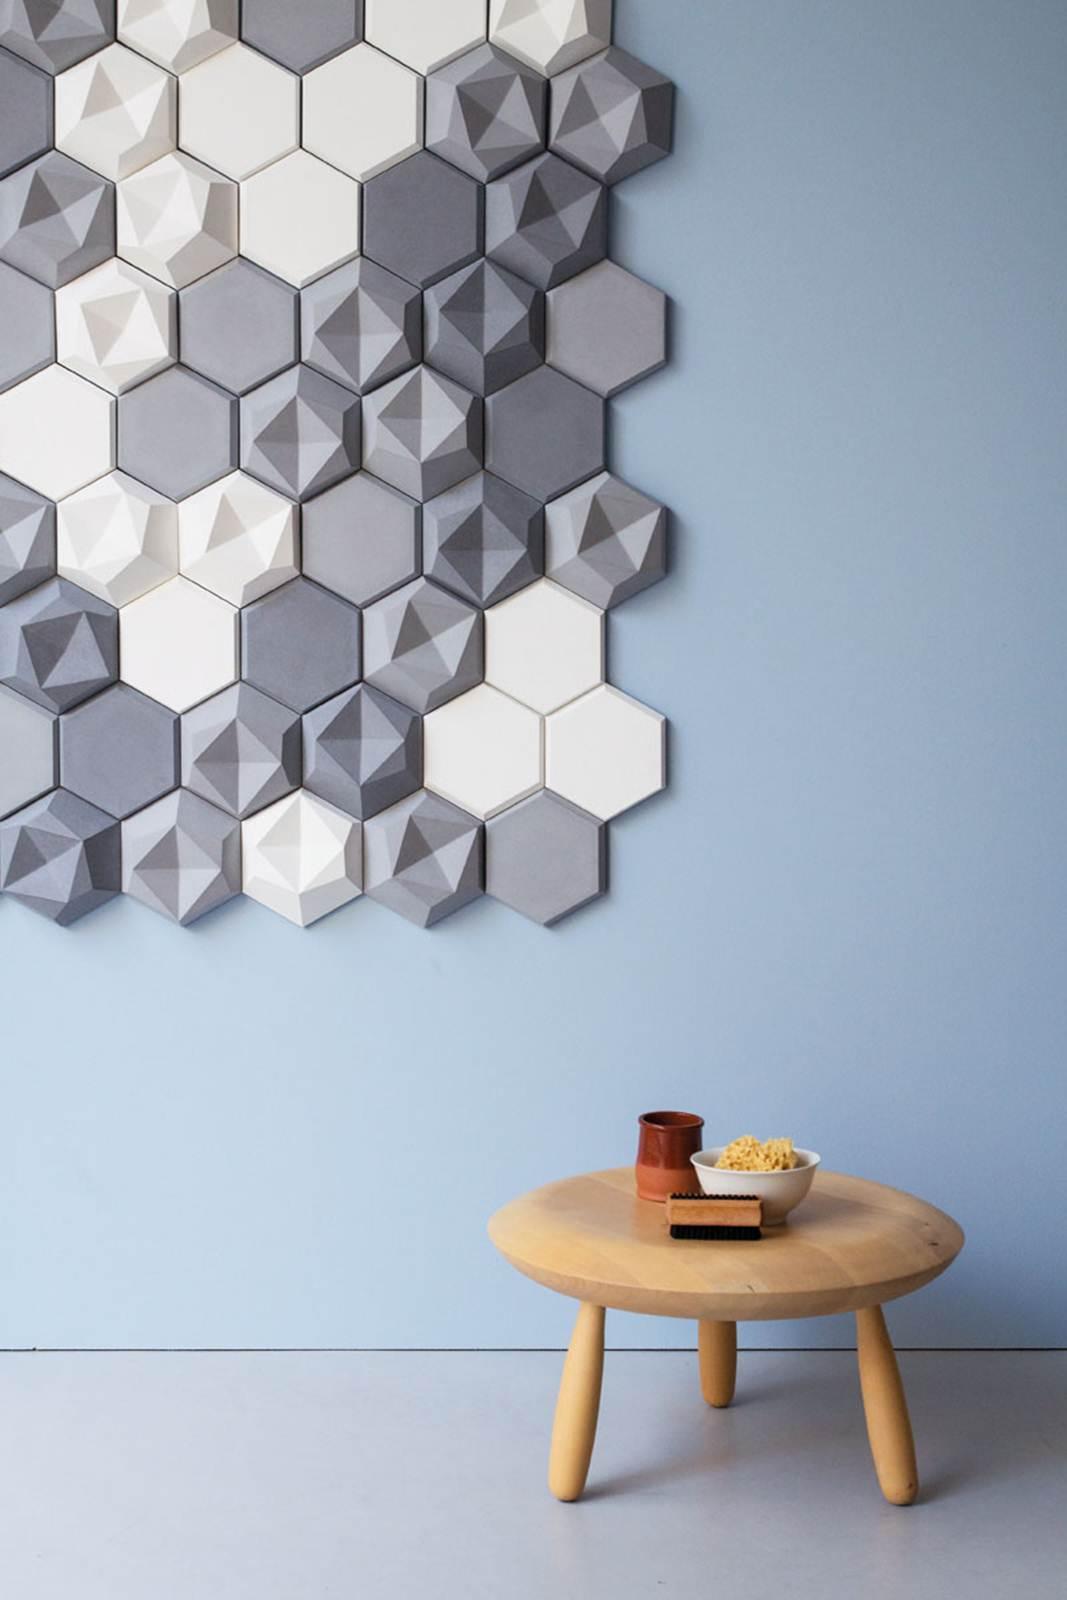 232556baoxaydung image012 Độc đáo gạch trang trí hình lục giác, ý tưởng thiết kế đặc biệt